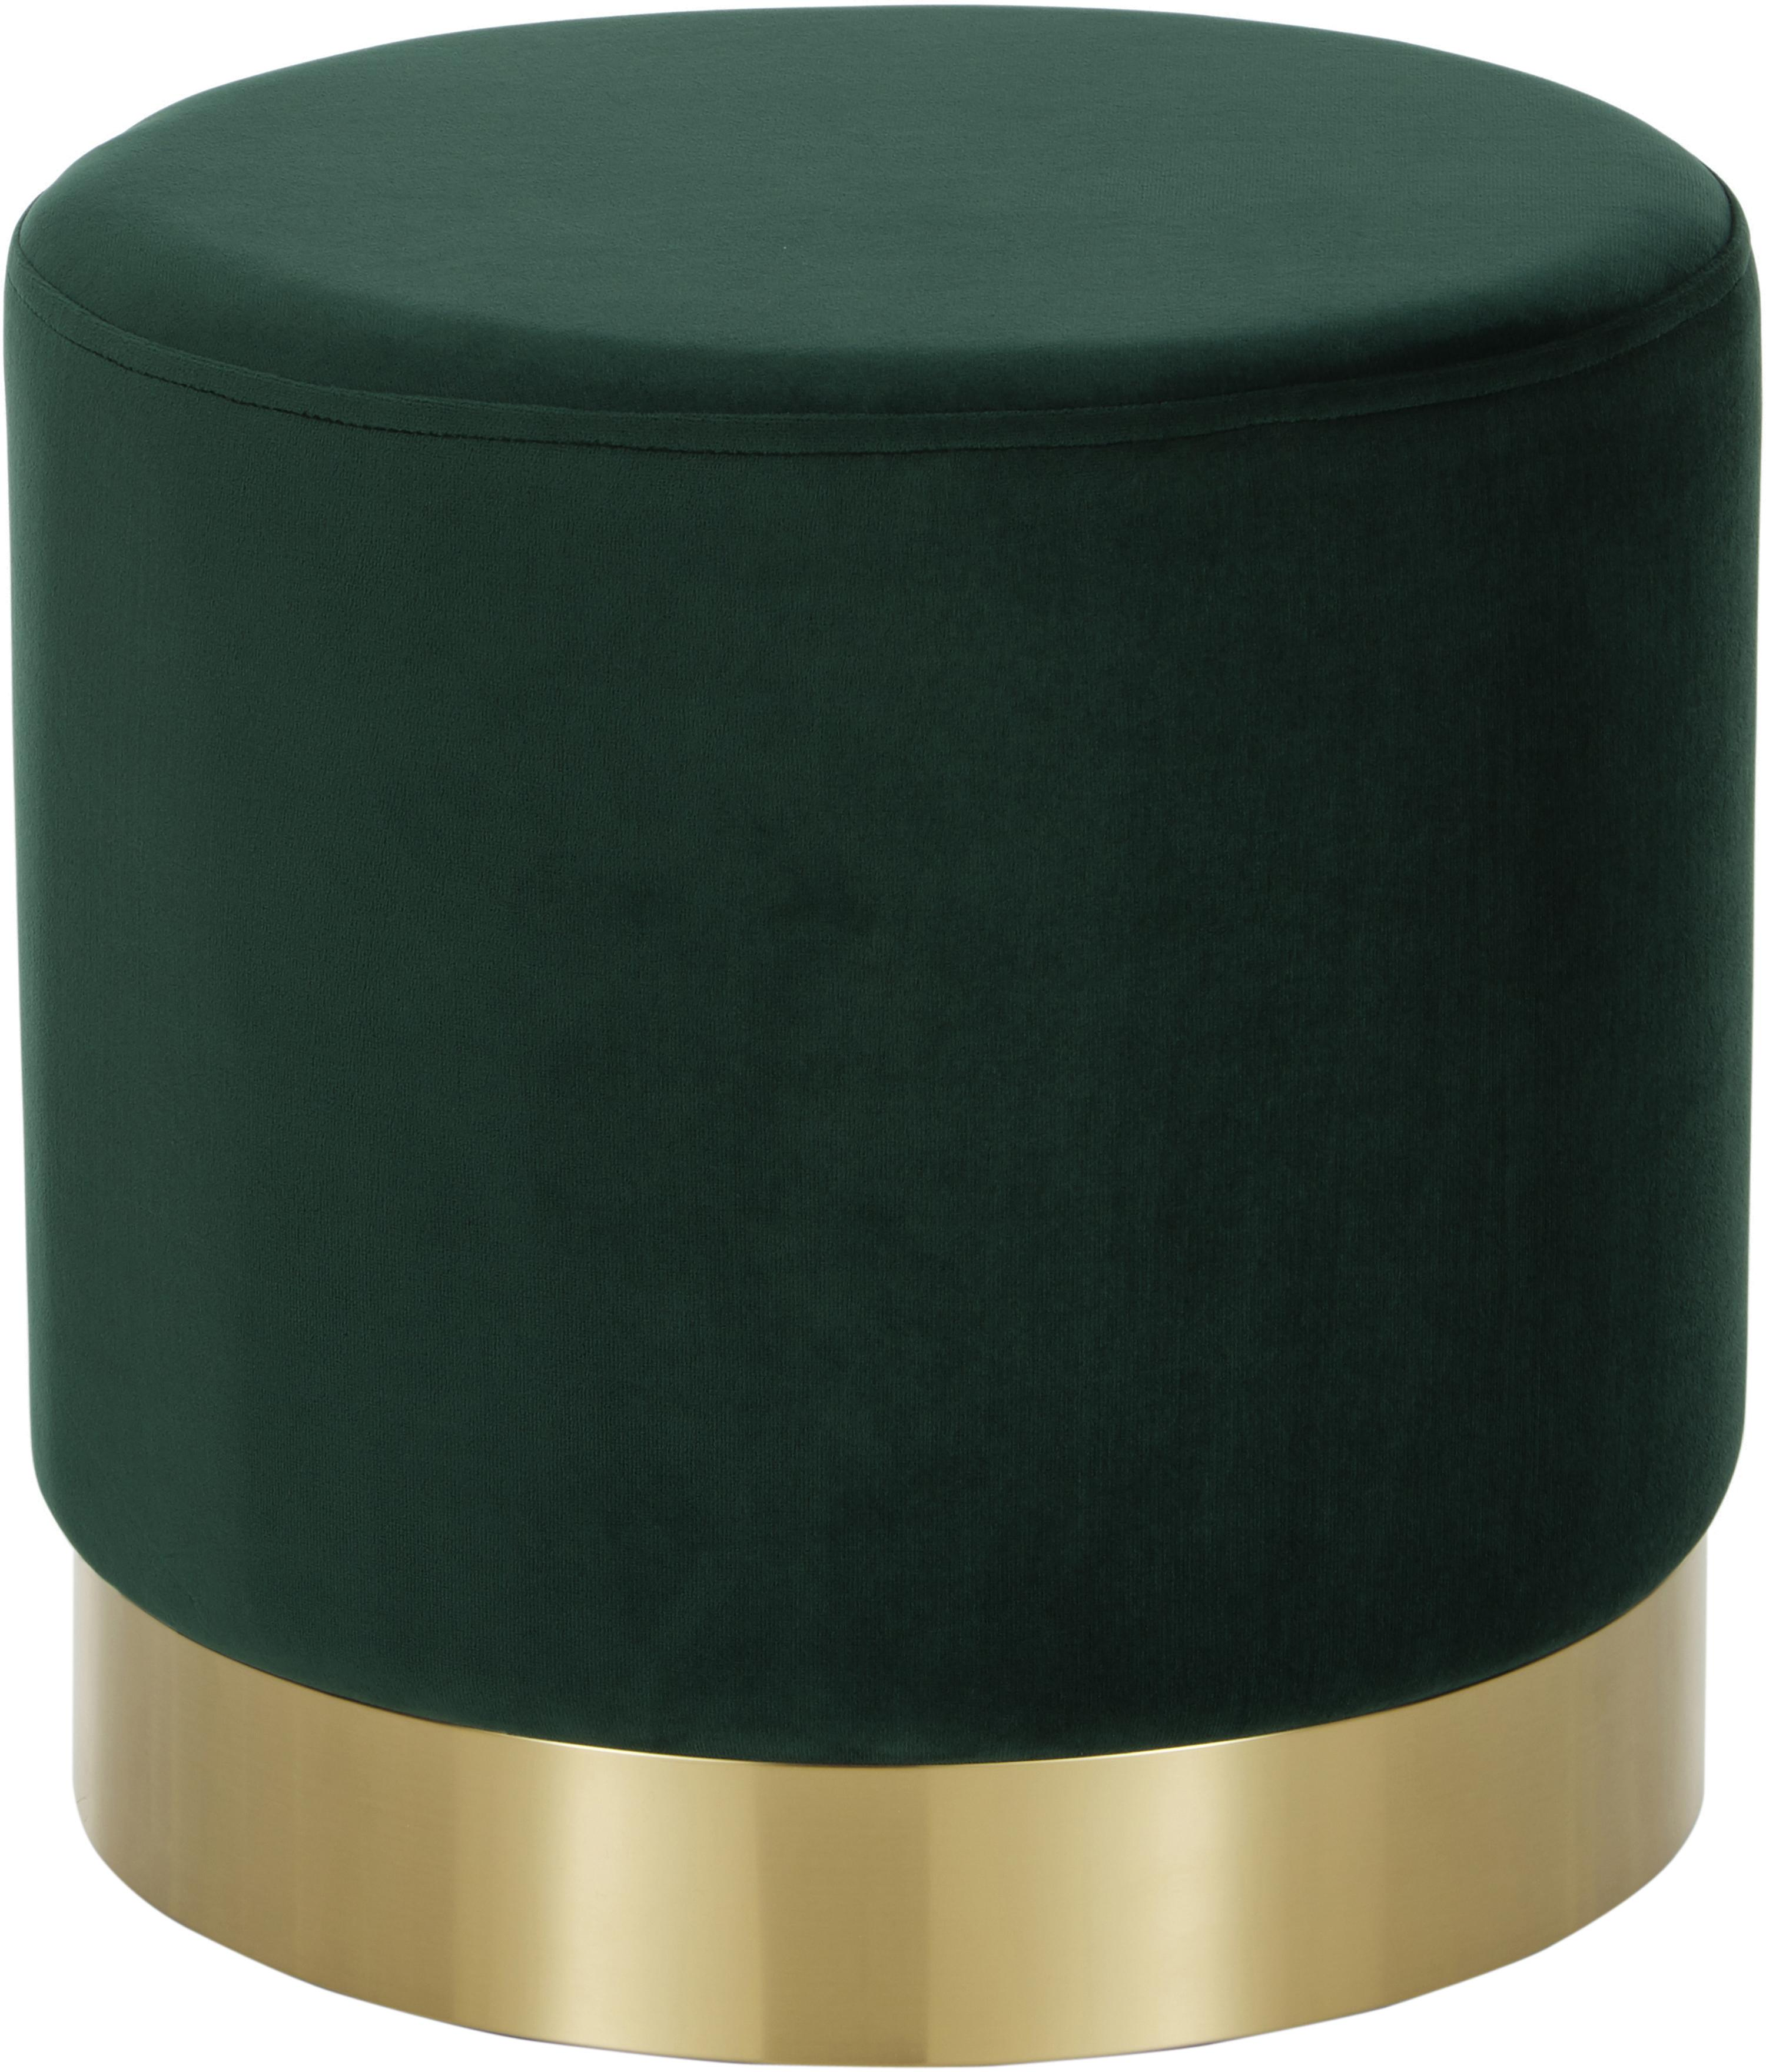 Puf z aksamitu Orchid, Tapicerka: aksamit (poliester) 1500, Tapicerka: jasny zielony Podstawa: odcienie złotego, Ø 40 x W 39 cm